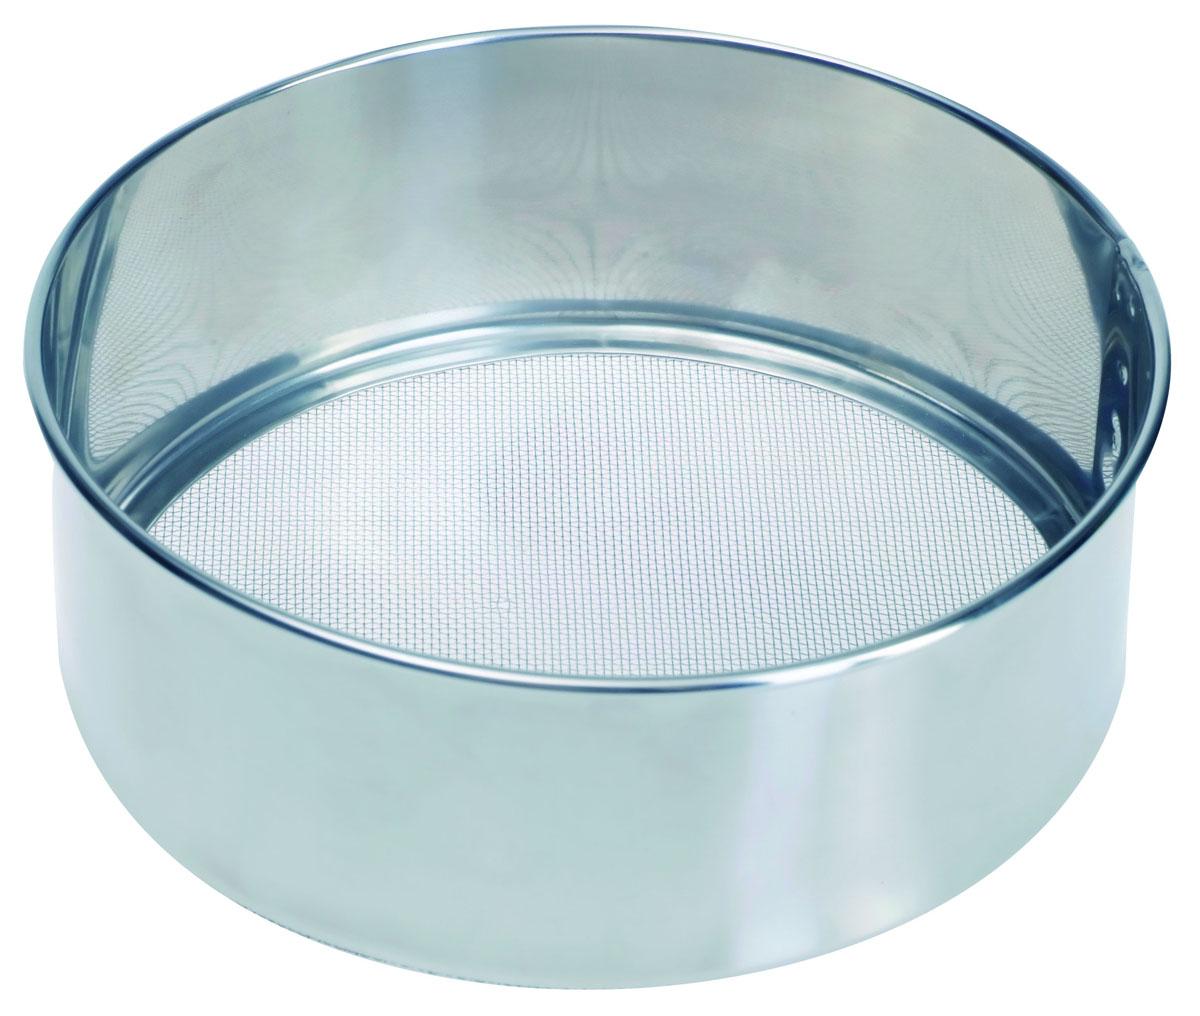 Сито Pronto. Диаметр 21 см93-PRO-32-22Сито Linea Pronto, выполненное из высококачественной нержавеющей стали, станет незаменимым аксессуаром на вашей кухне. Оно предназначено для просеивания муки и процеживания. Прочная стальная сетка и корпус обеспечивают изделию износостойкость и долговечность. Такое сито станет достойным дополнением к кухонному инвентарю.